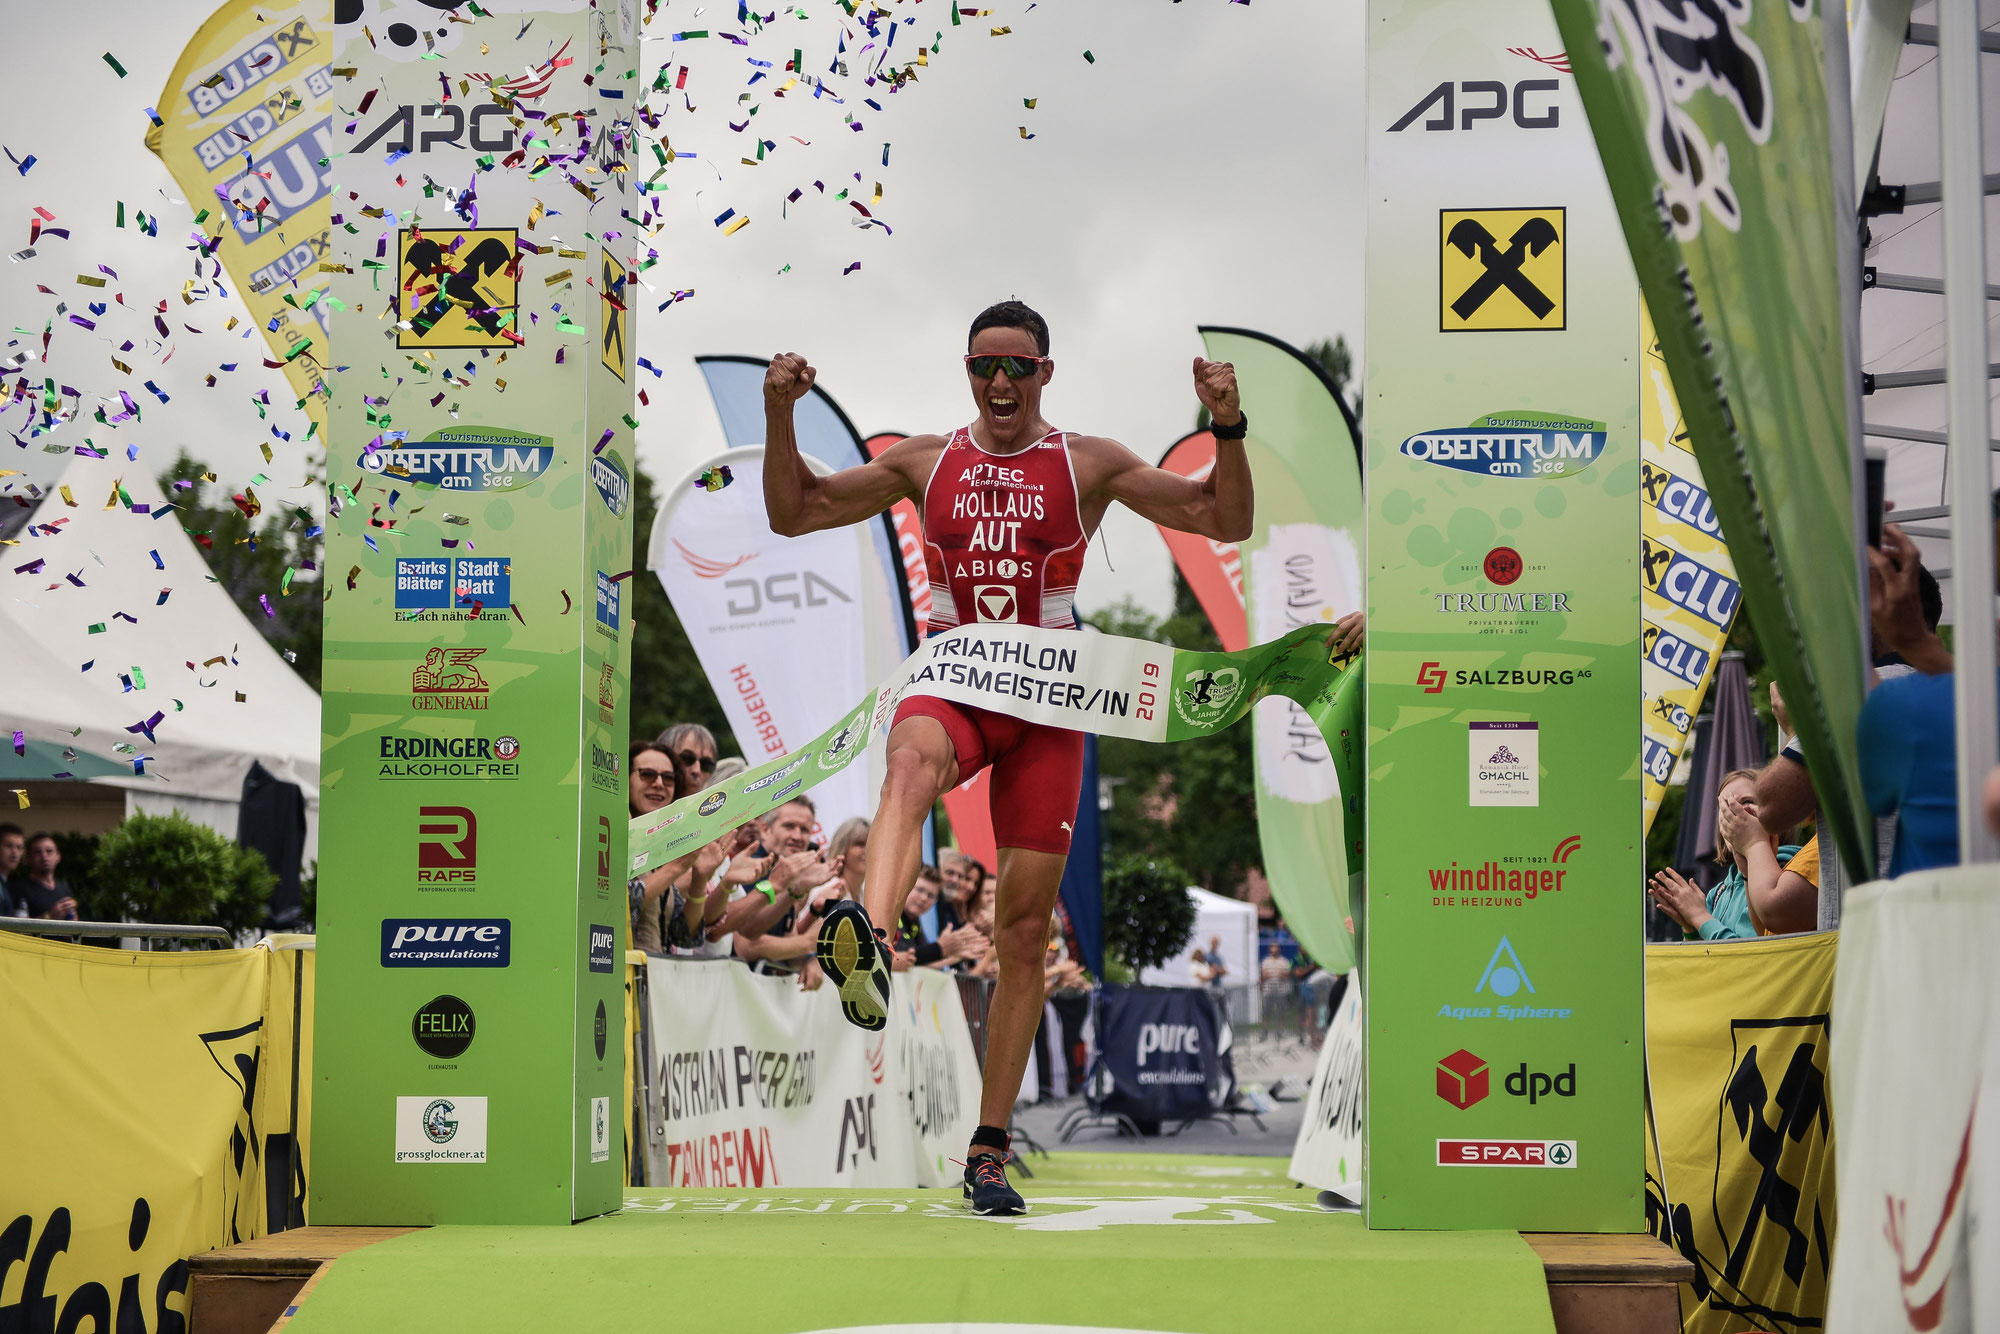 """Presseaussendung Trumer Triathlon """"Volle Kraft voraus!"""""""